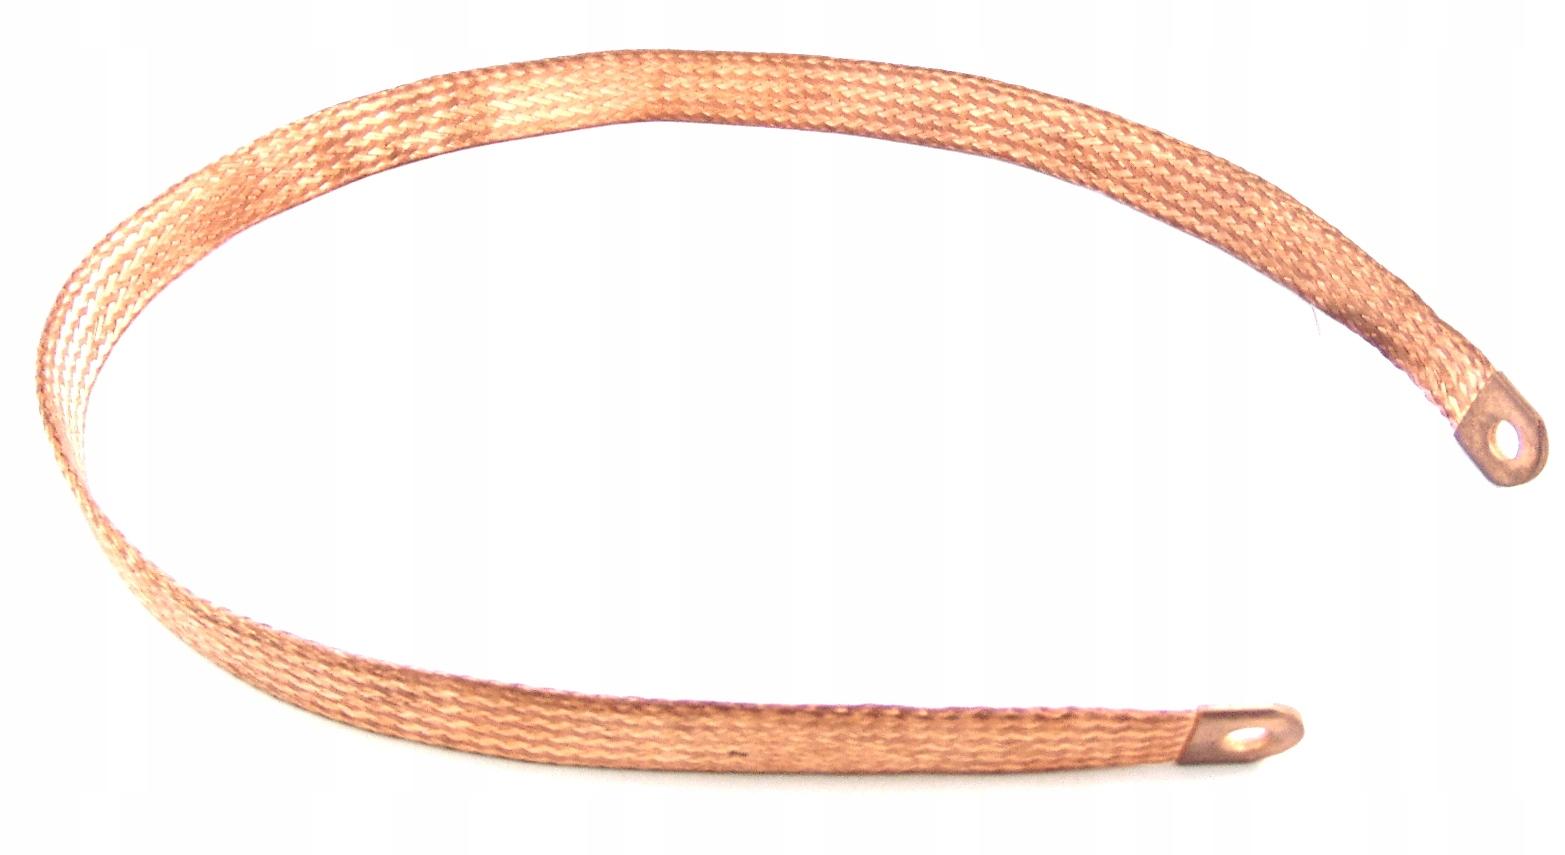 кабель кабель плетенка массовый массы медный 72cm